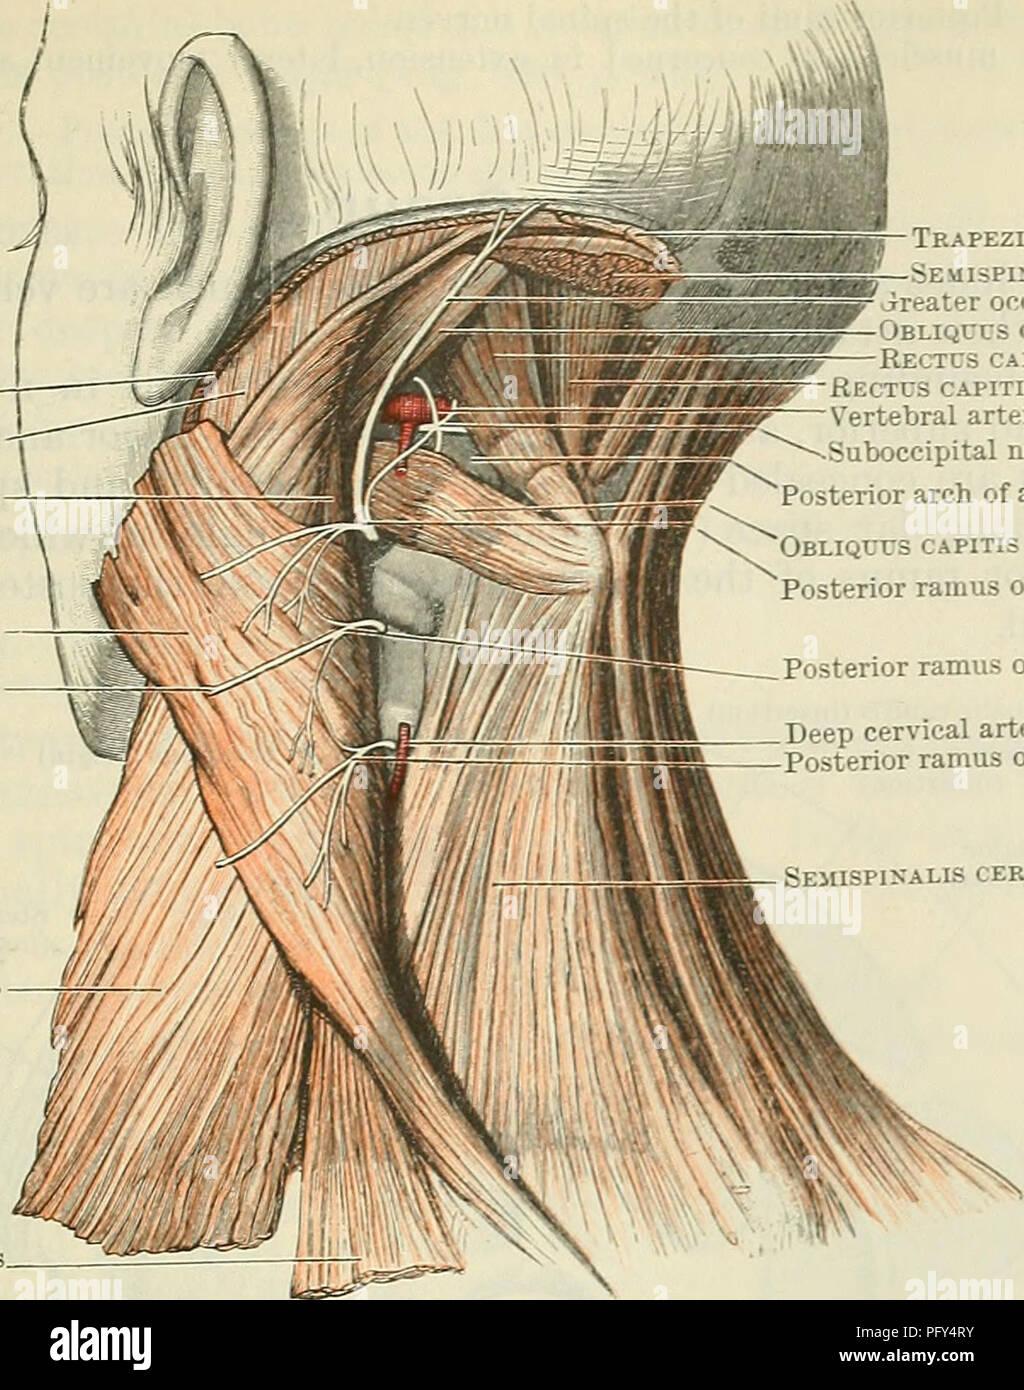 Cunninghams Lehrbuch der Anatomie. Anatomie. Die Muskeln des Rückens ...